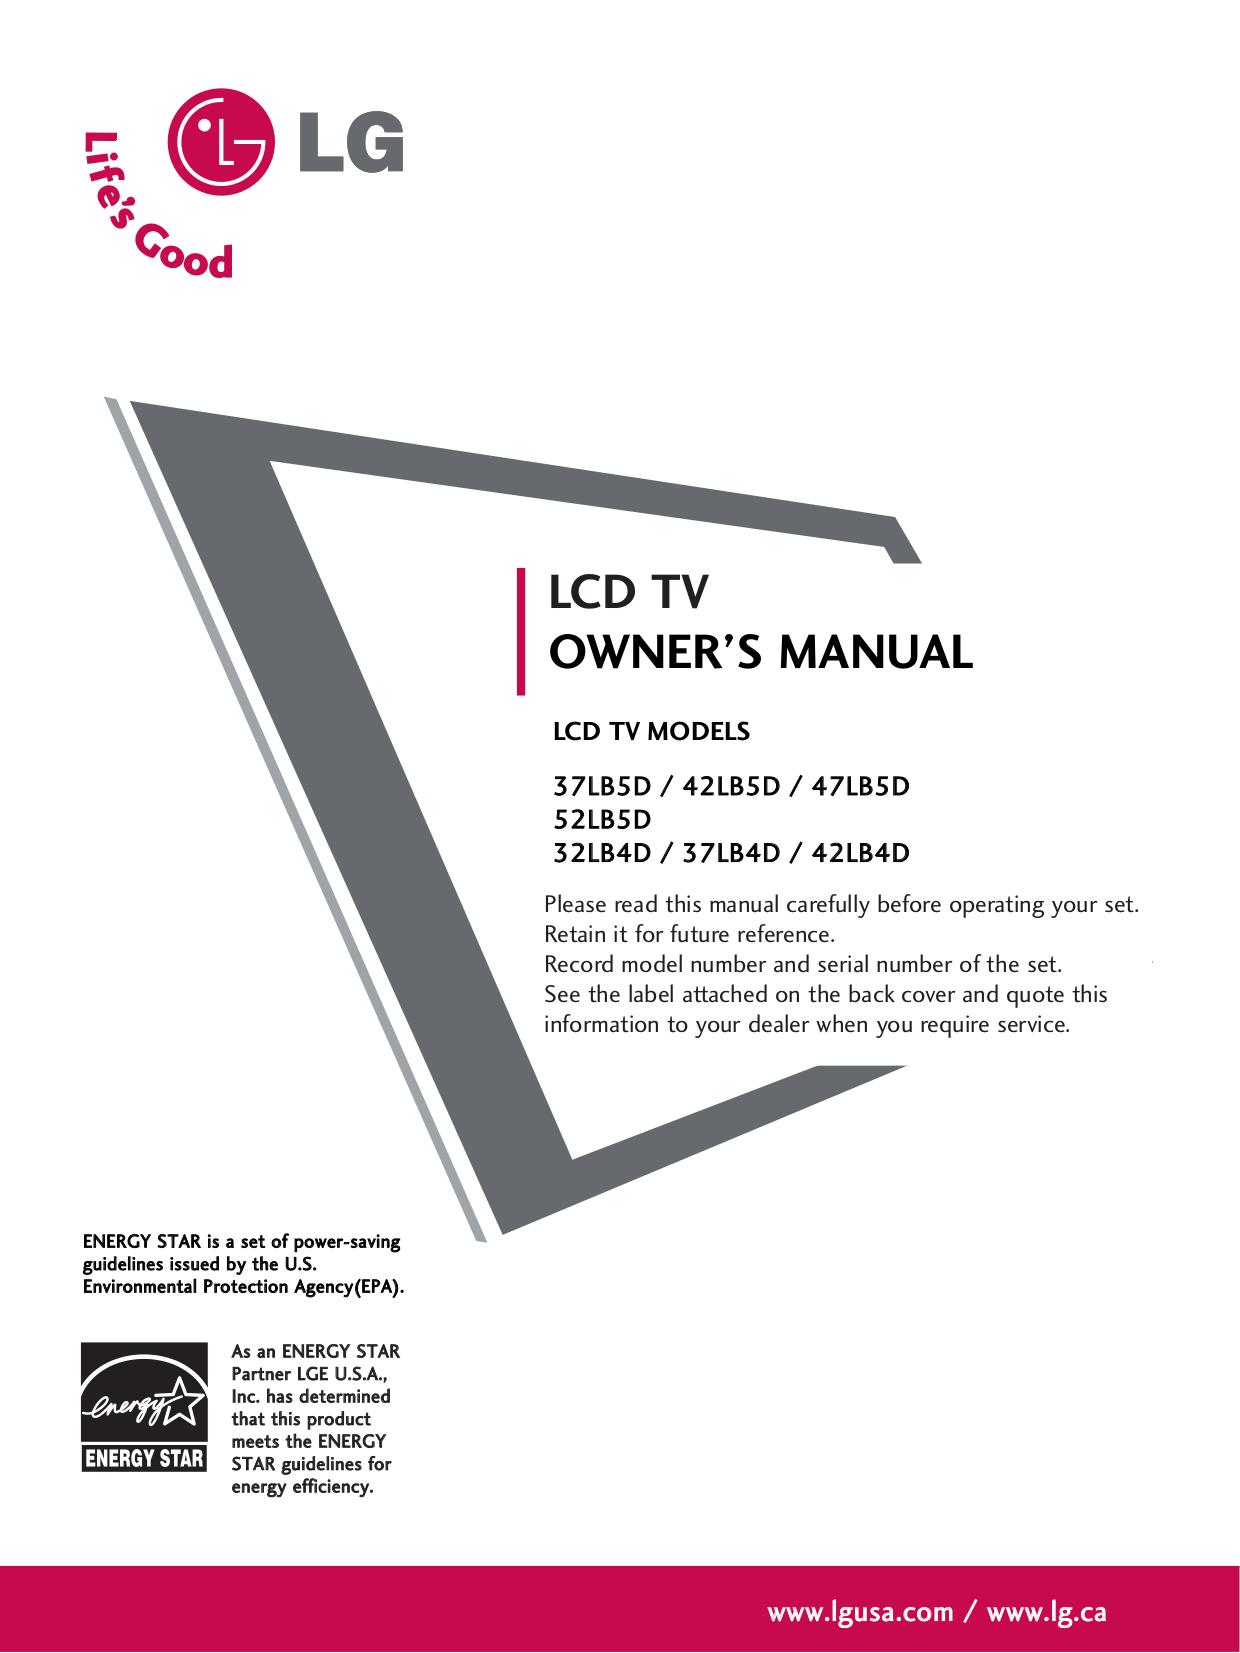 Lg lb5d manual